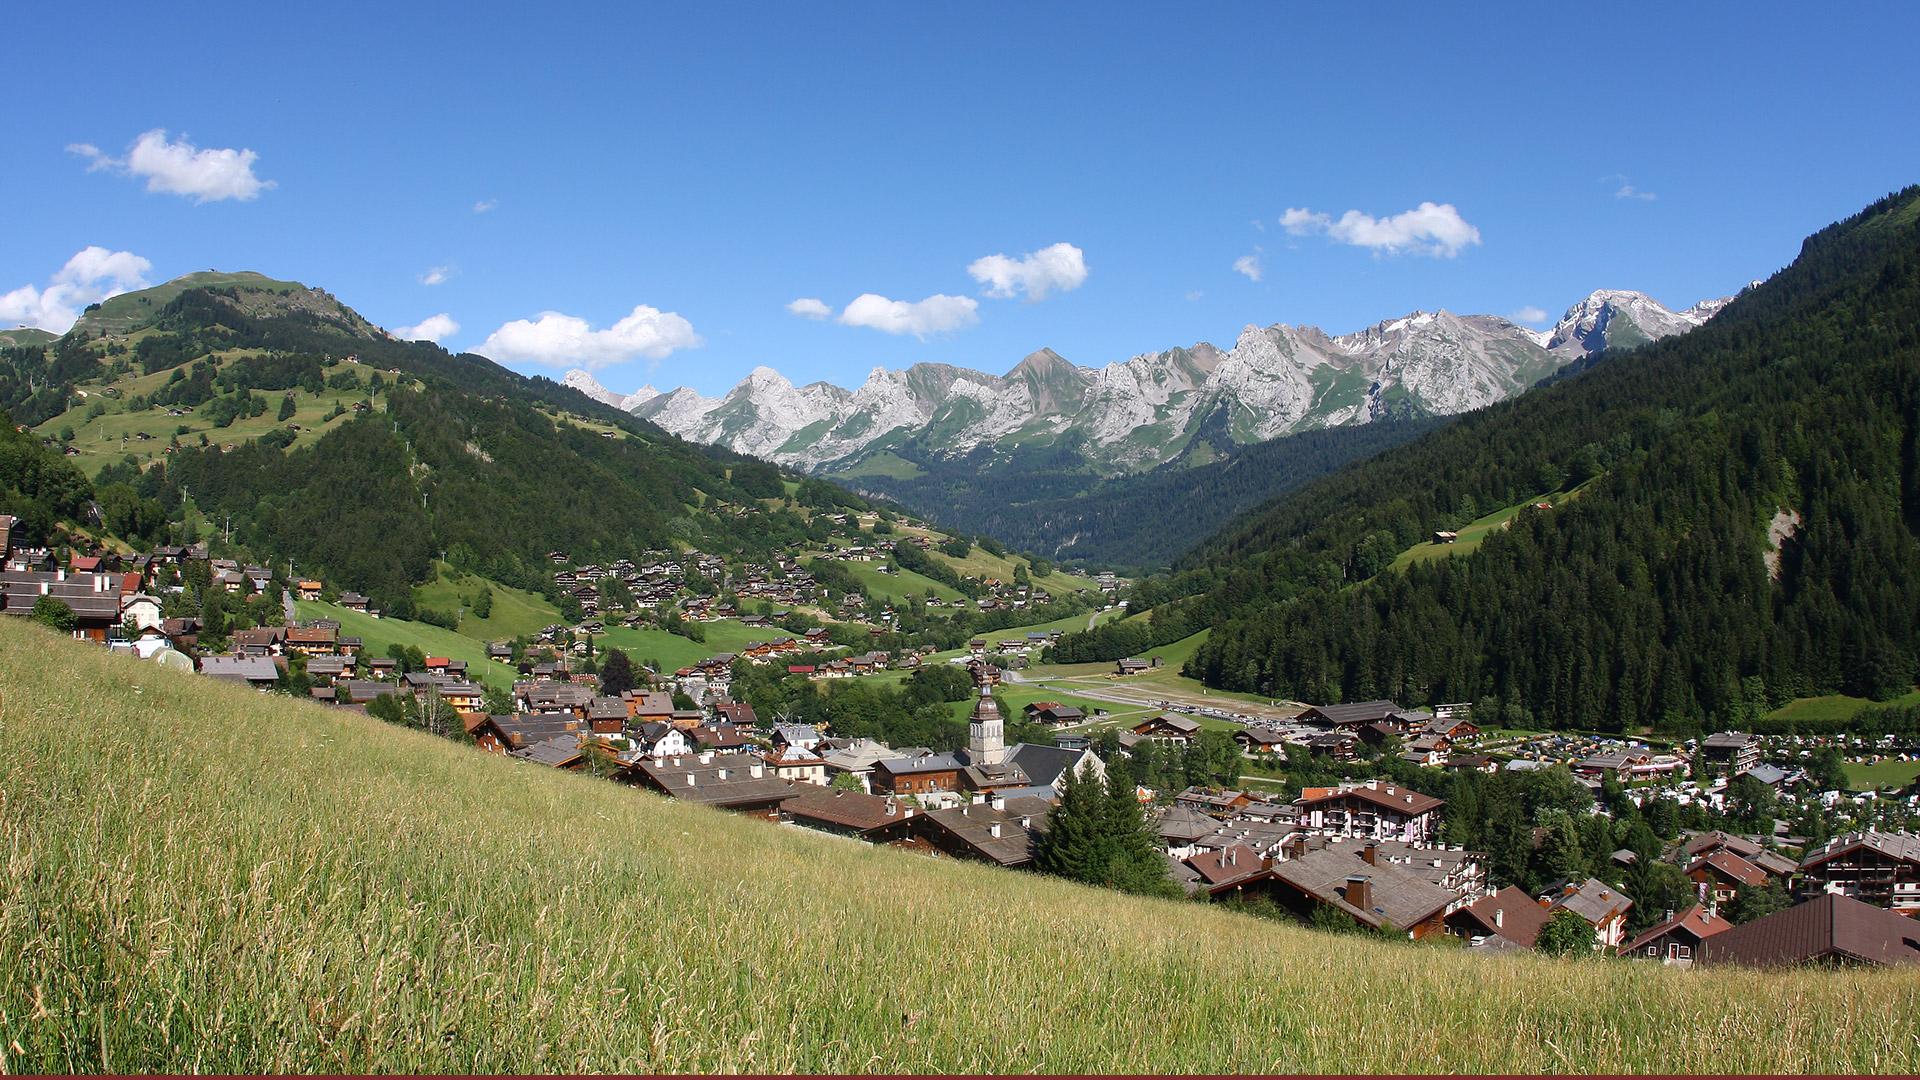 vue-village-ete-145948